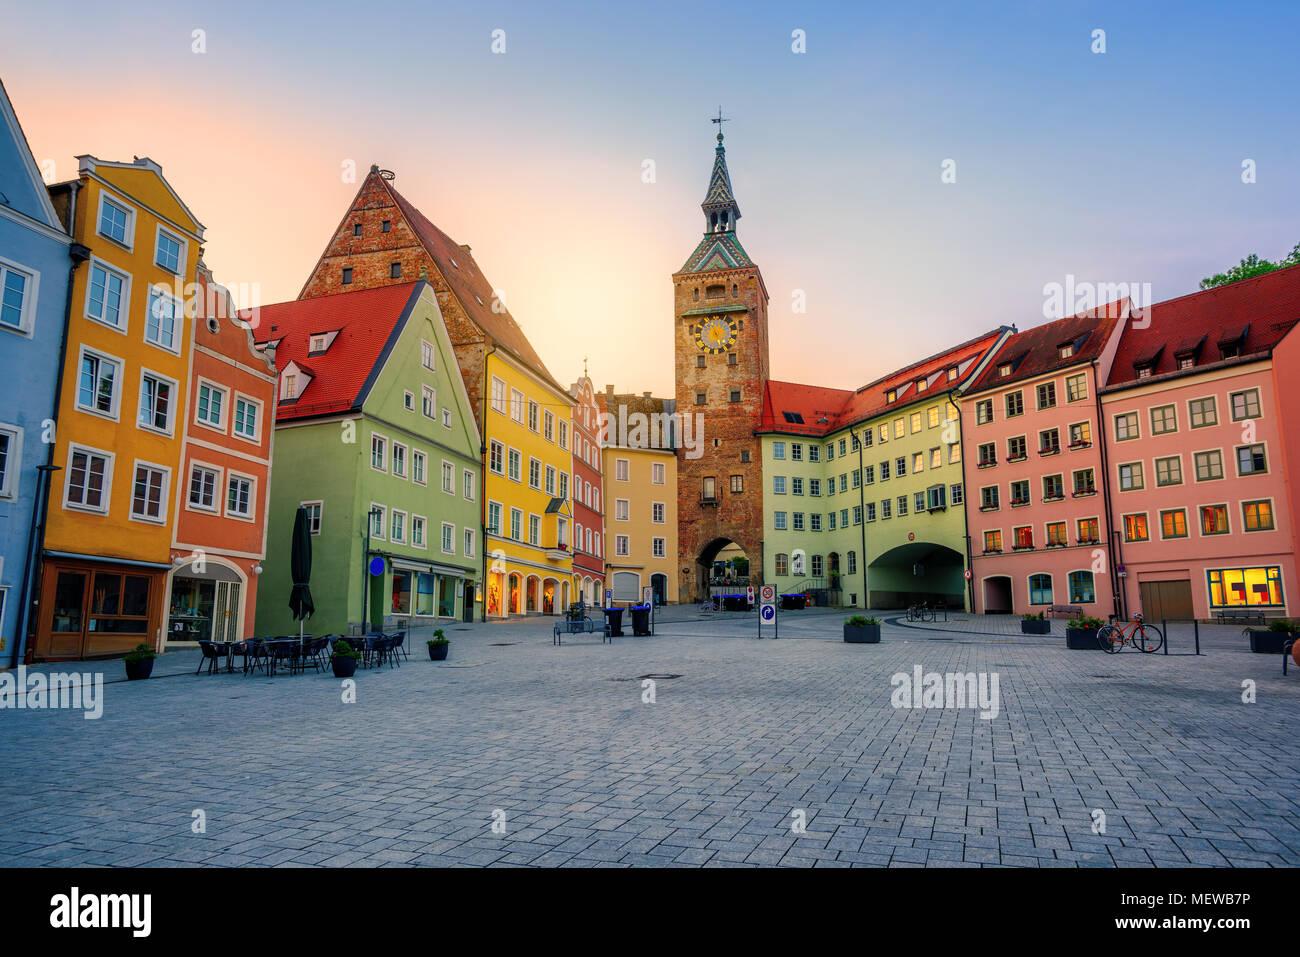 Historische Altstadt Nrw